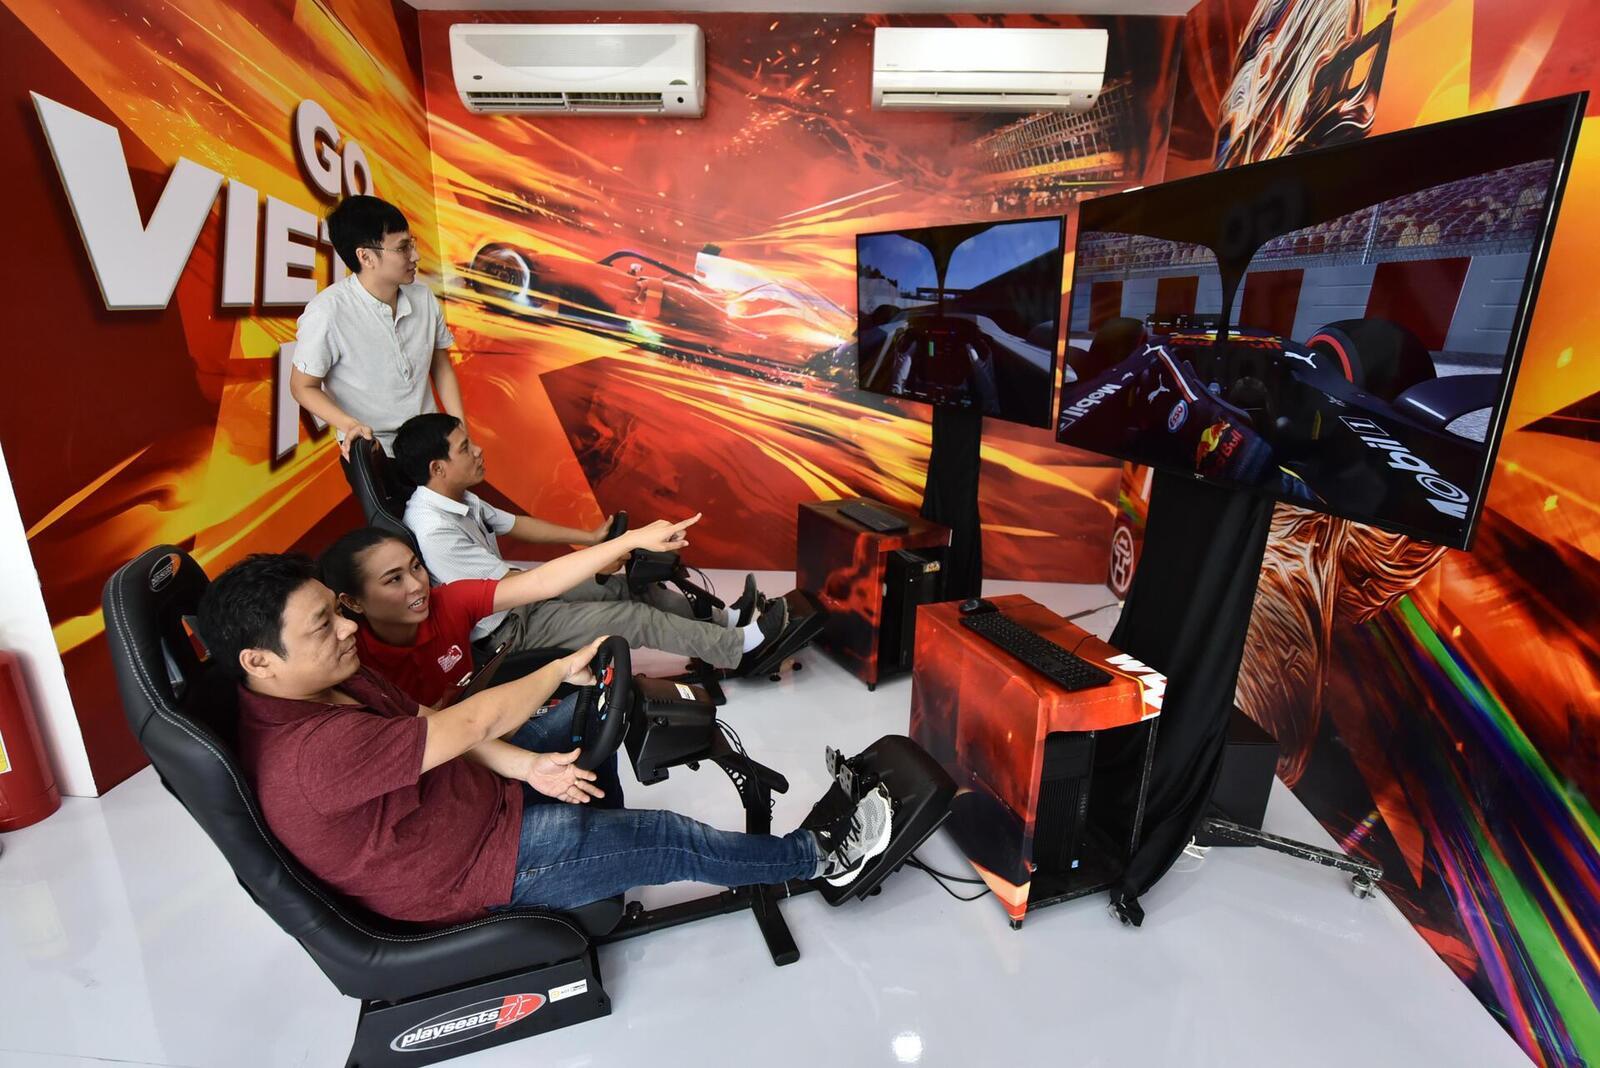 Với các fan đam mê tốc độ, VinFast còn mang đến cơ hội trải nghiệm cảm giác của một tay đua công thức 1 thông qua trò chơi đua xe giả lập hiện đại. Hình ảnh đường đua chính là Mỹ Đình, nơi sẽ diễn ra chặng đua F1 VinFast Vietnam Grand Prix vào tháng 4/2020.